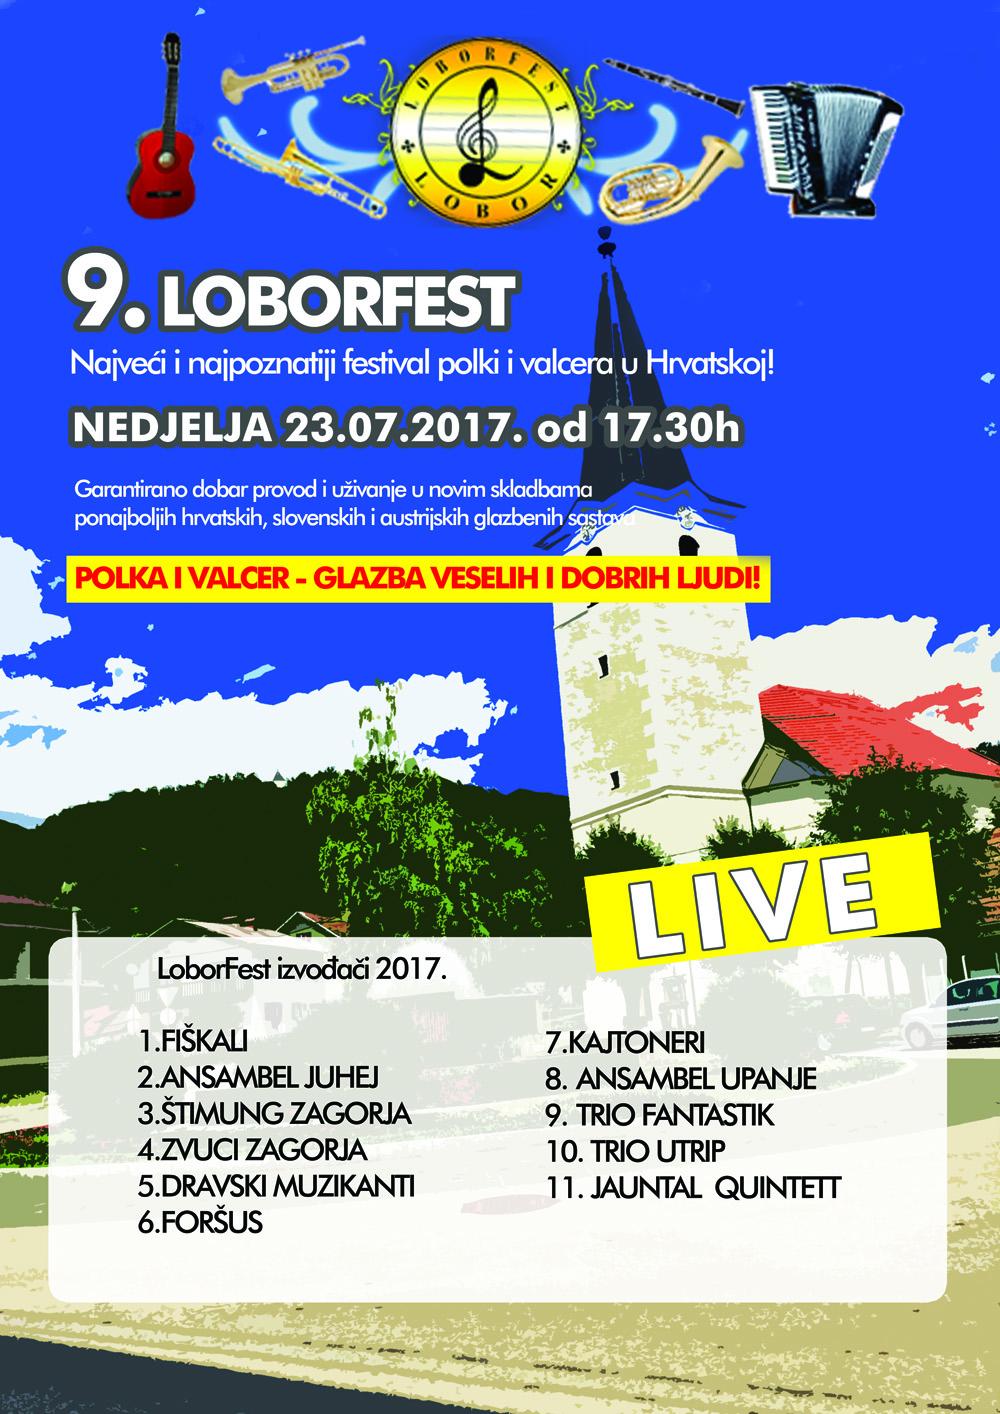 loborfest 2017